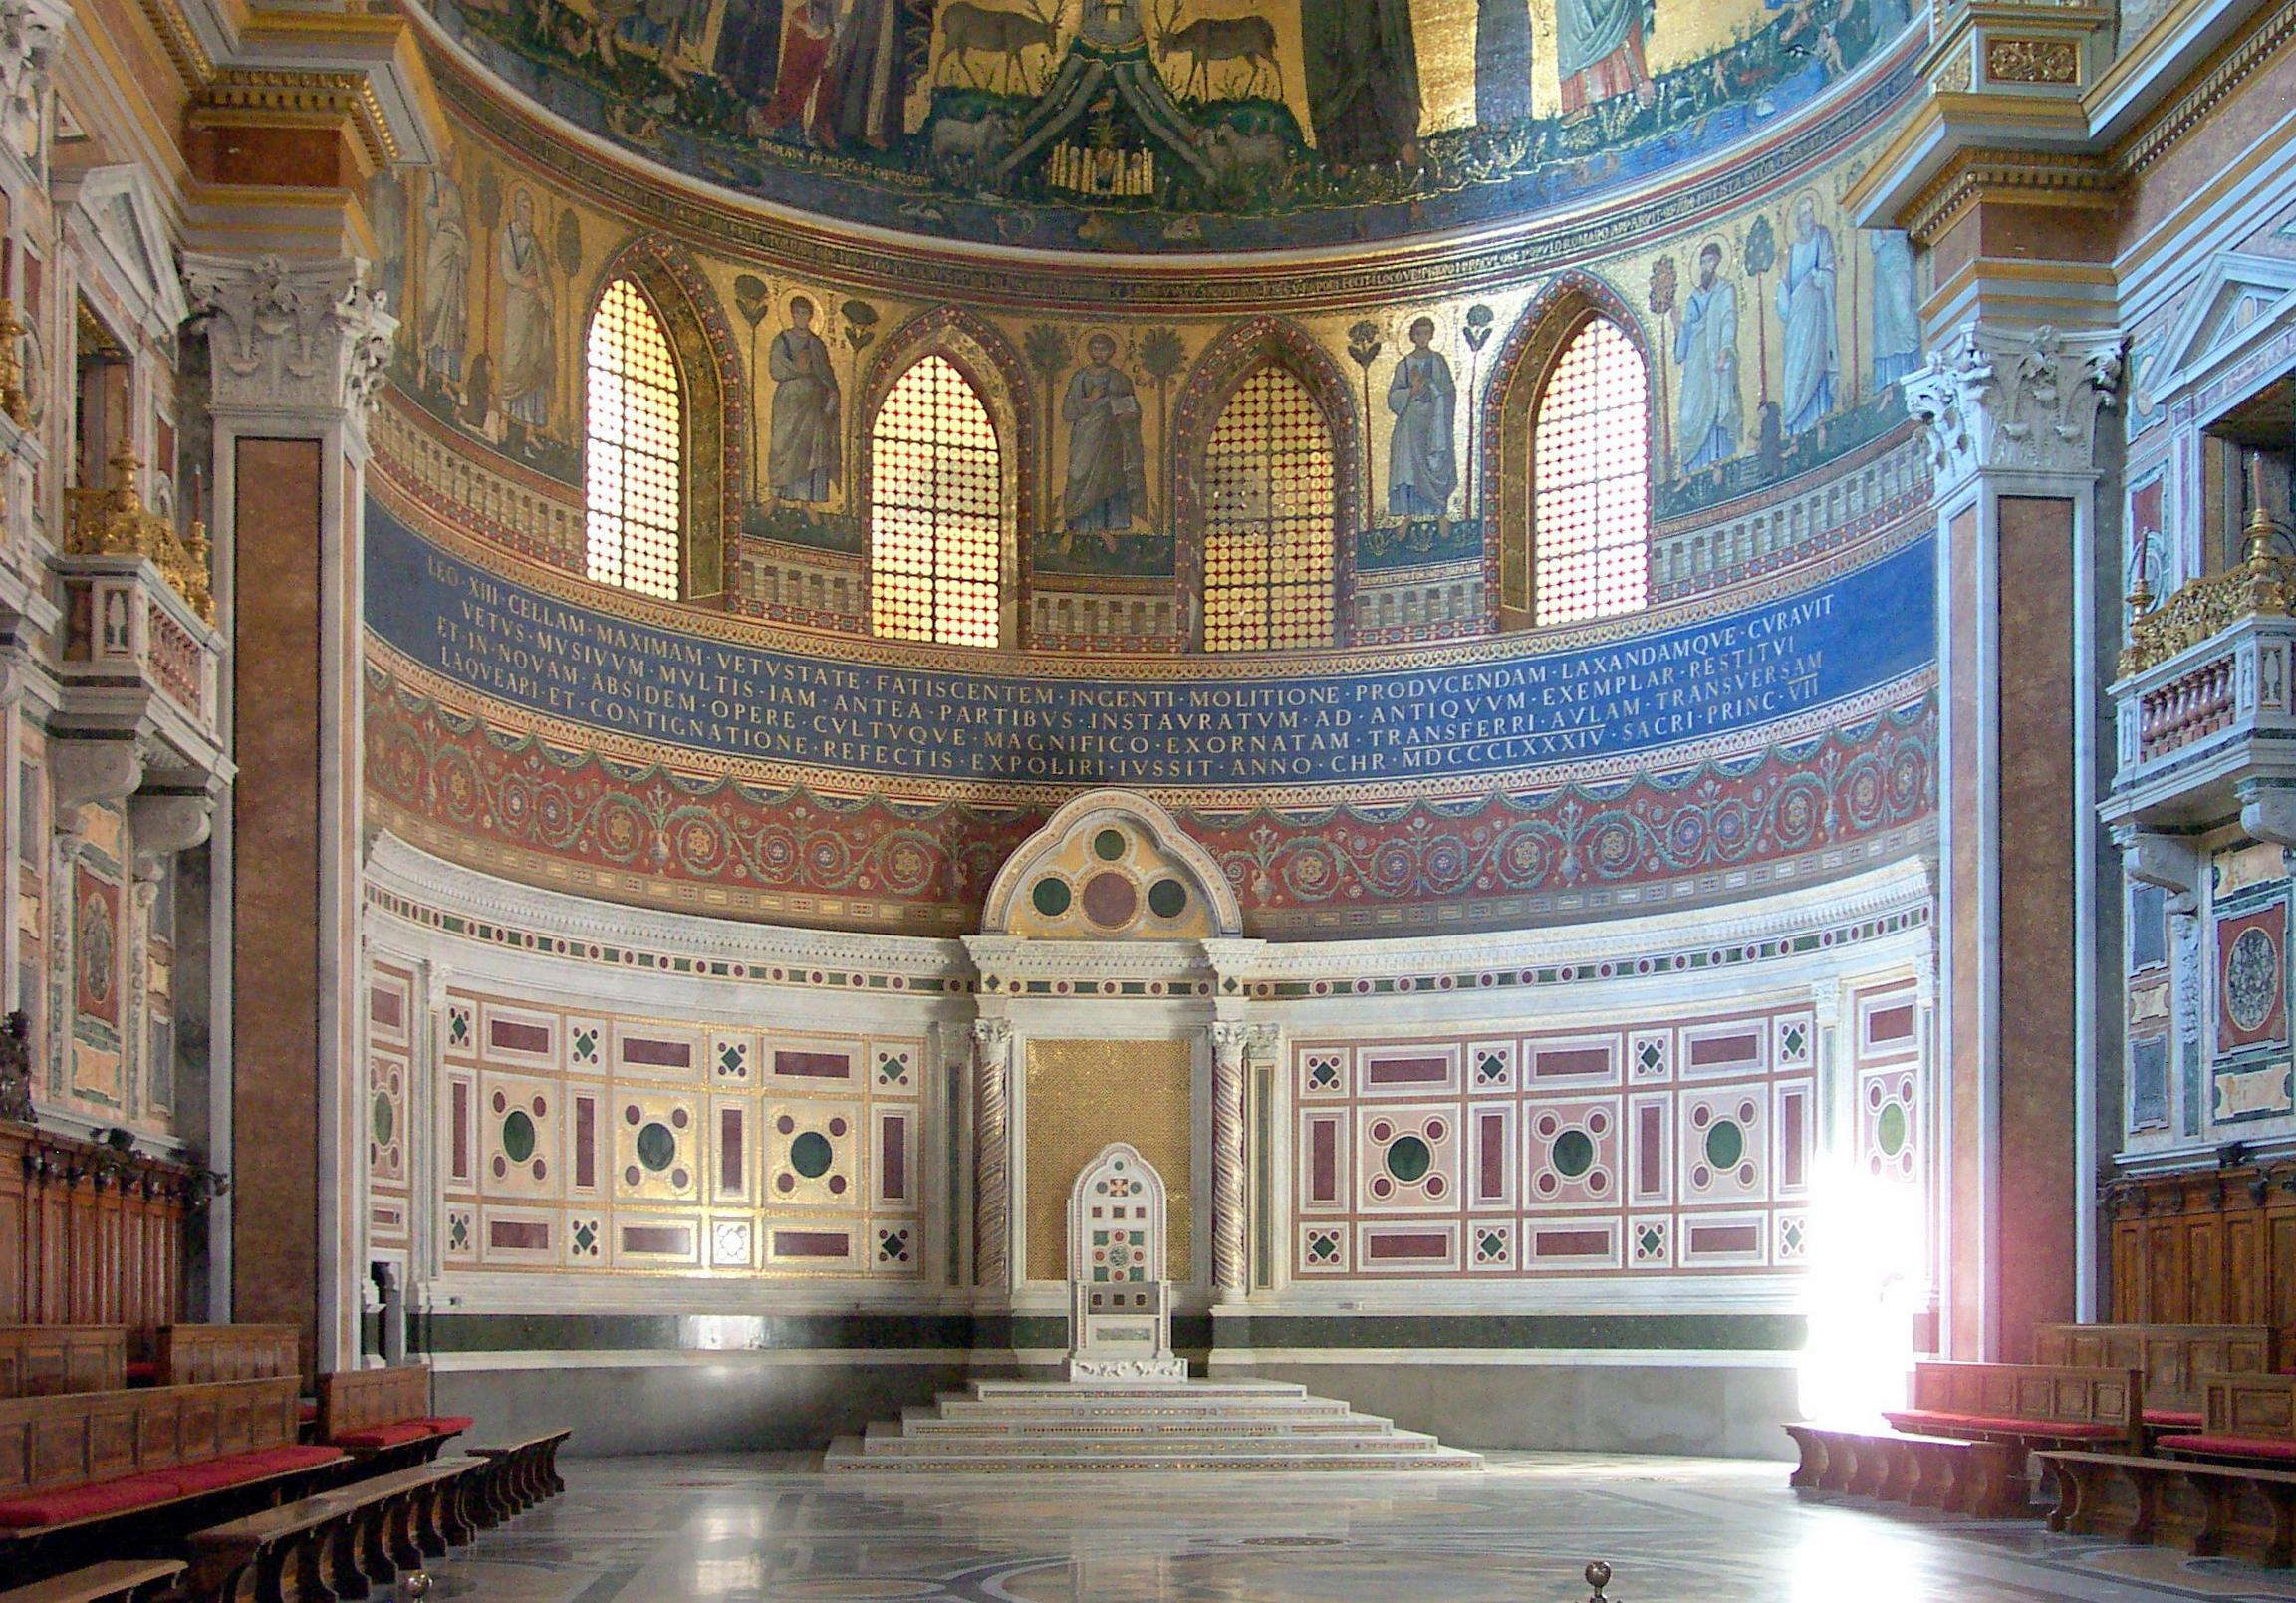 La sede o cátedra del obispo de Roma en la archibasílica de San Juan de Letrán, catedral de Roma y la primera de entre las basílicas papales.